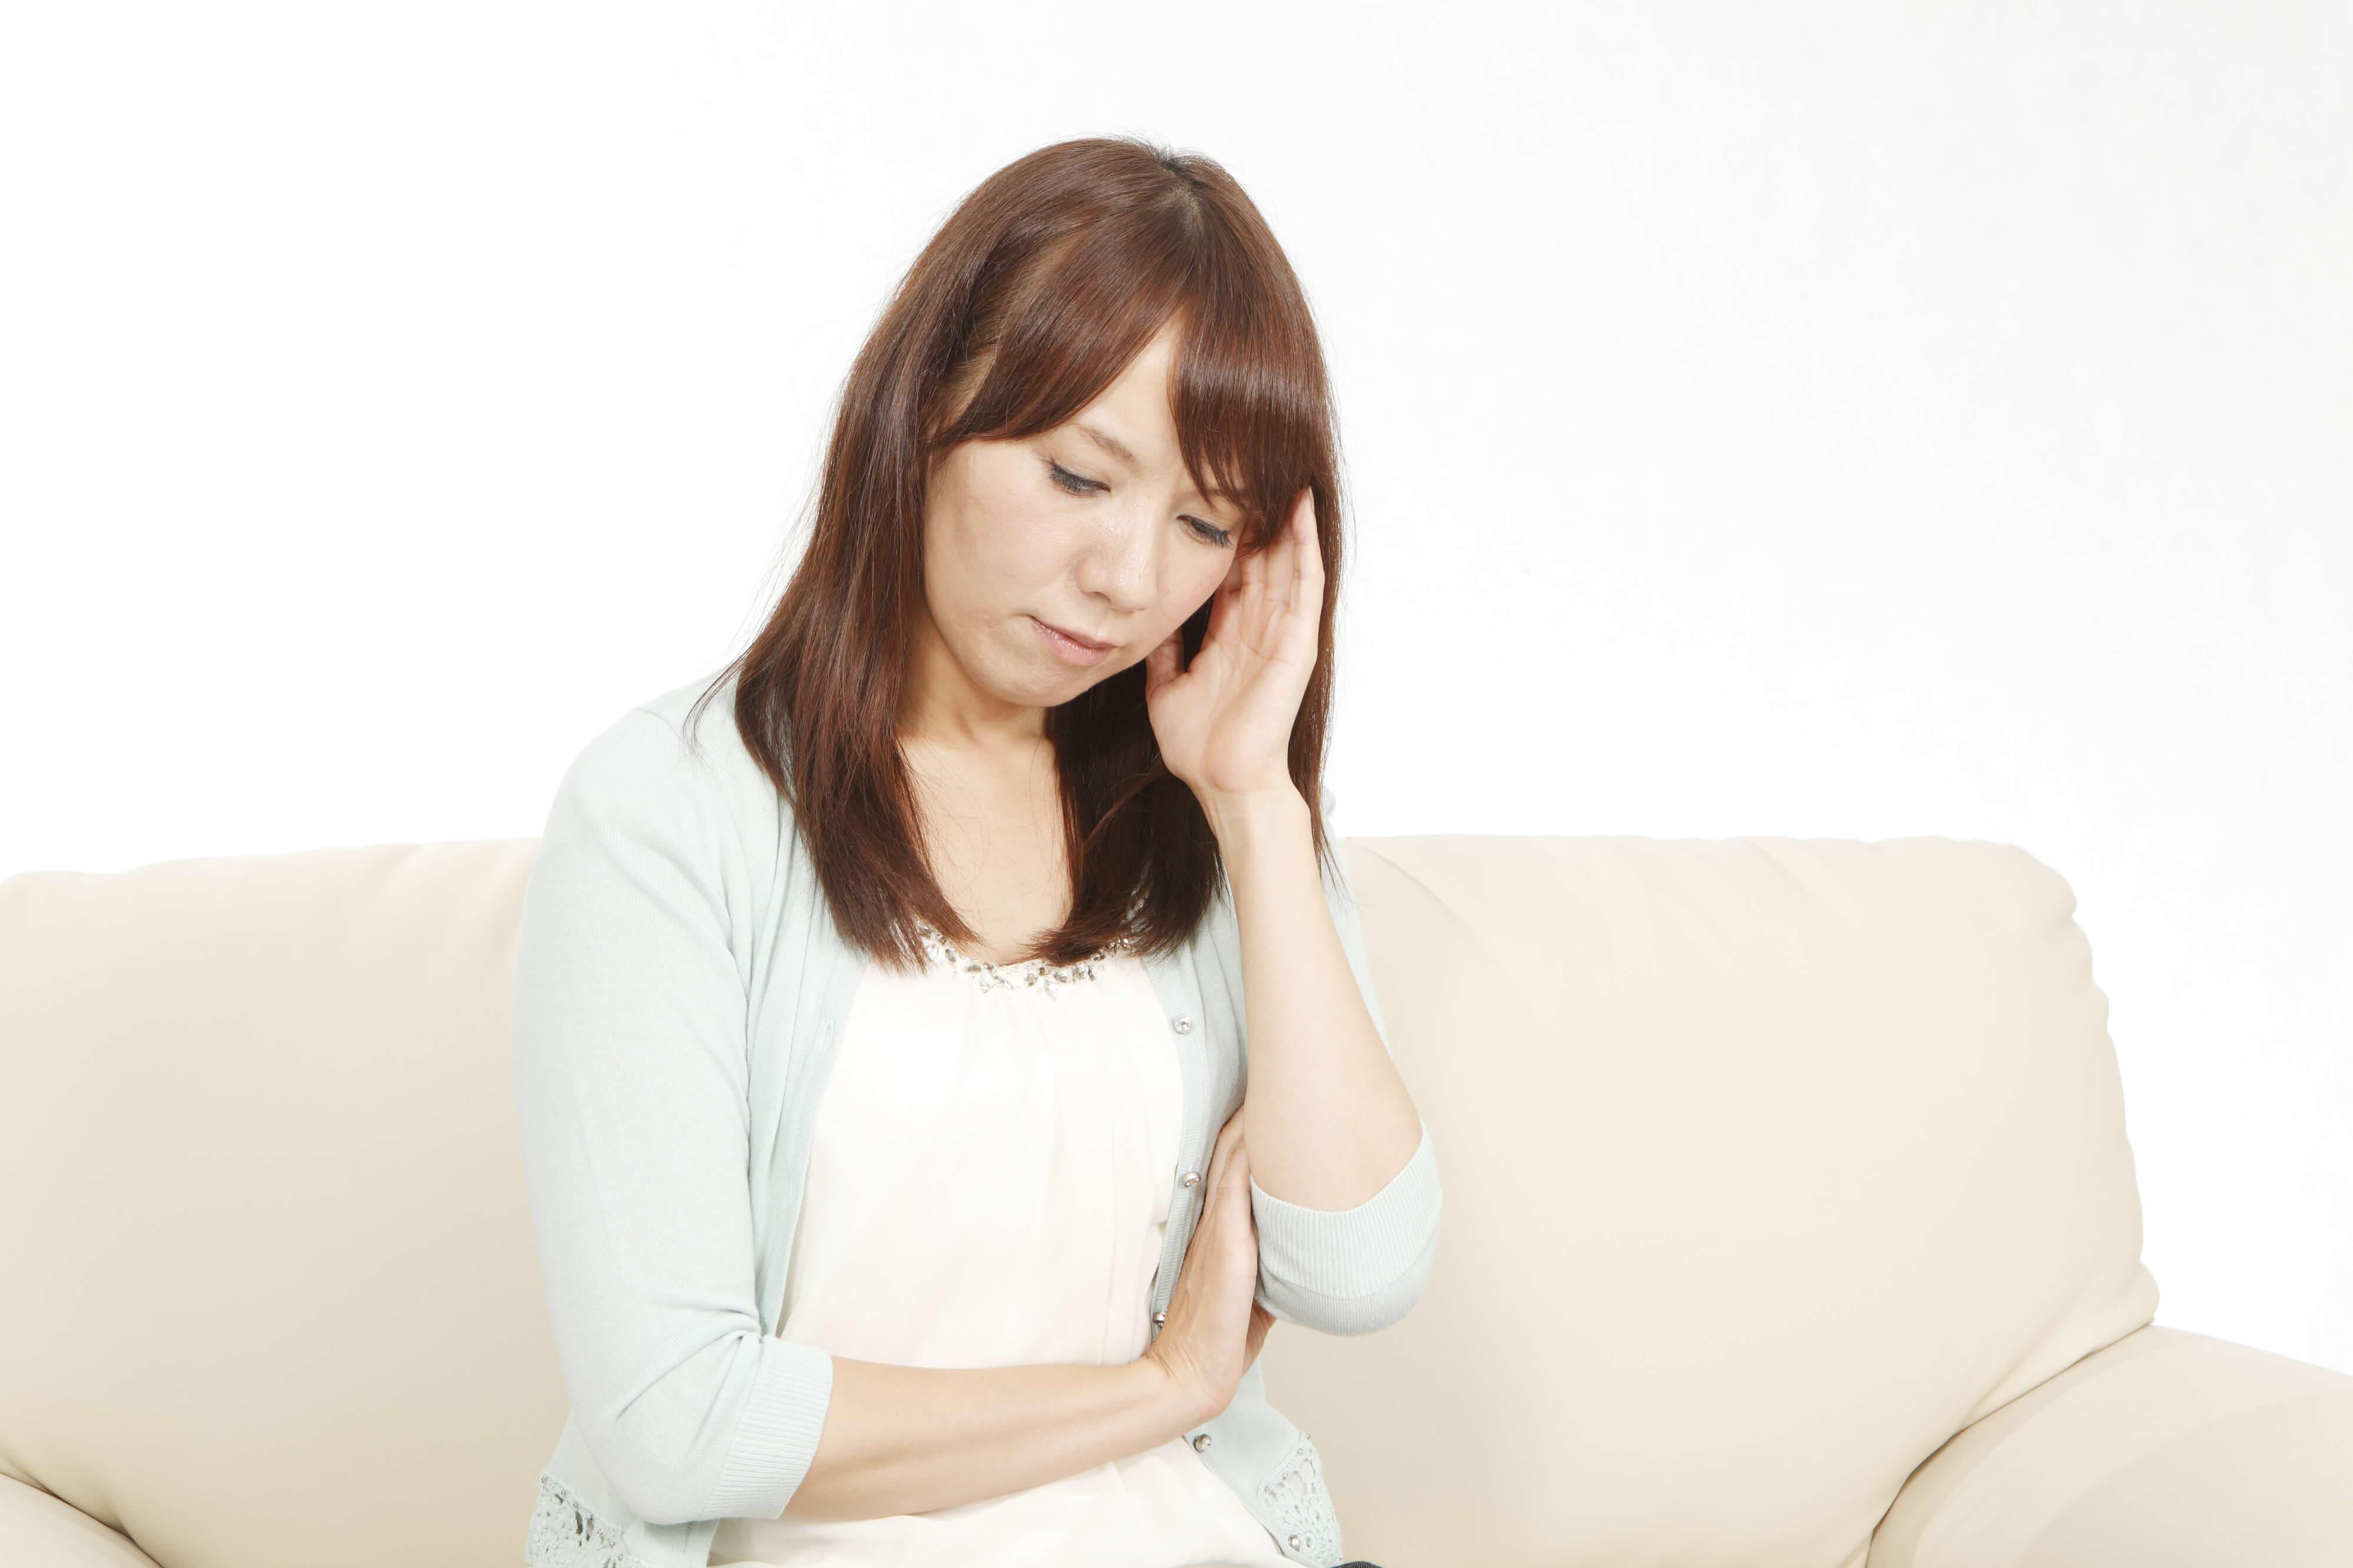 不妊かどうかしりたい人必見!不妊症の七つのセルフチェック